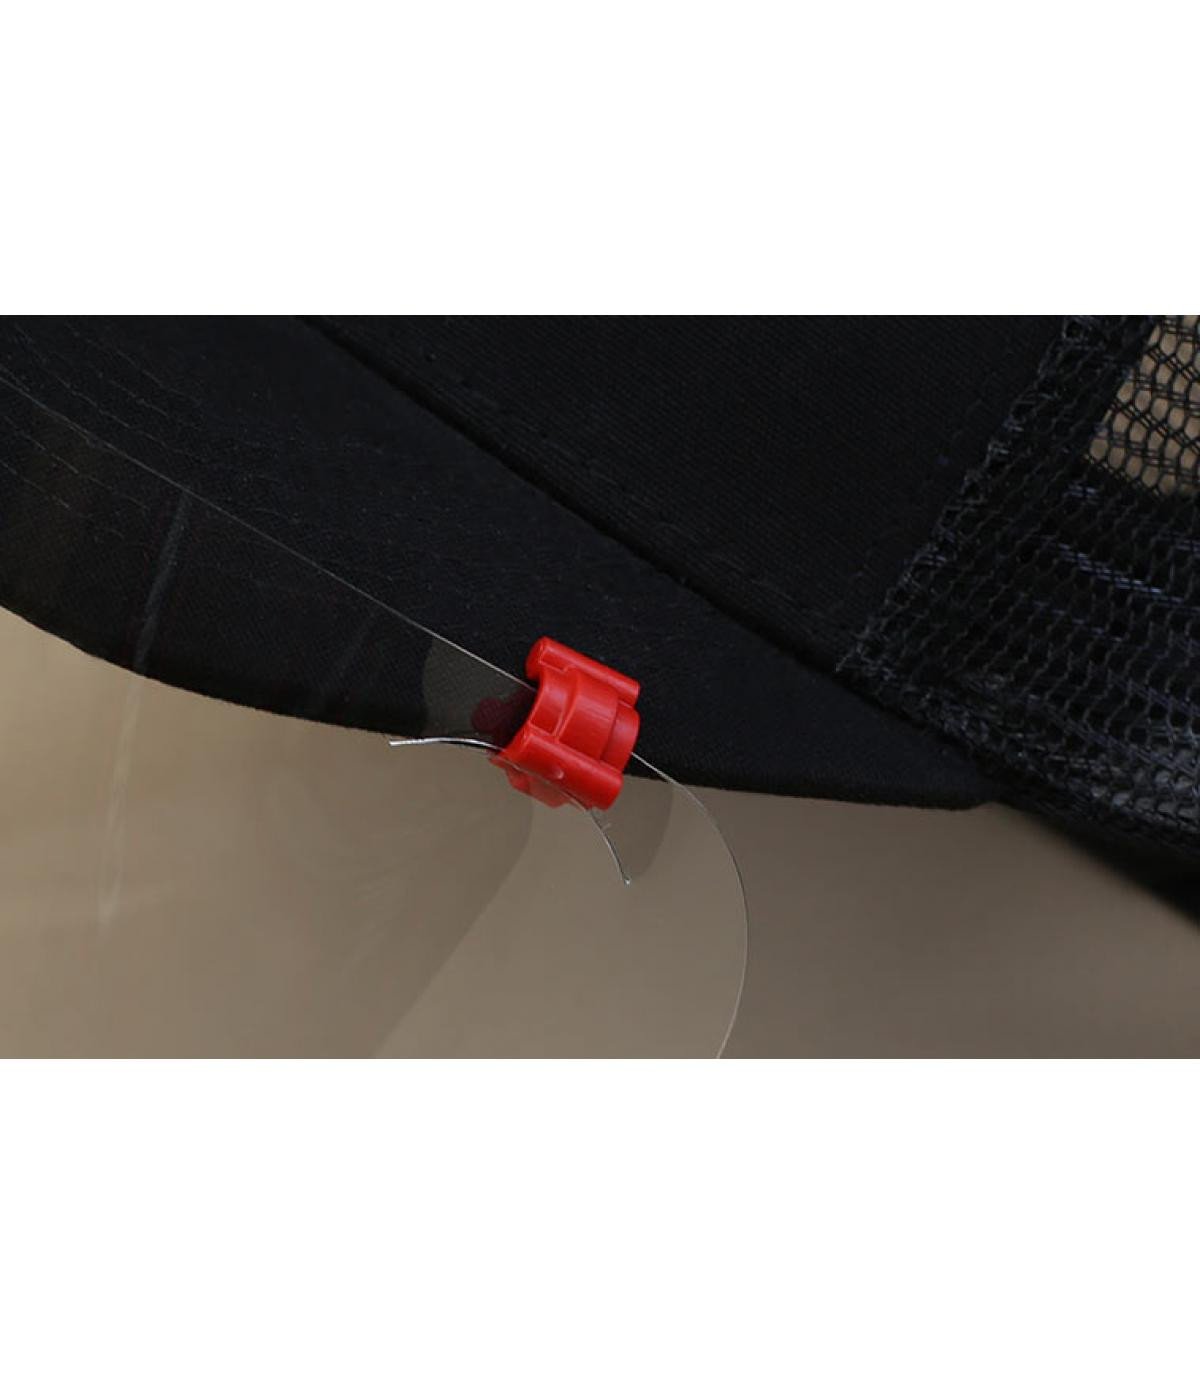 Dettagli Visiera di protezione - image 3